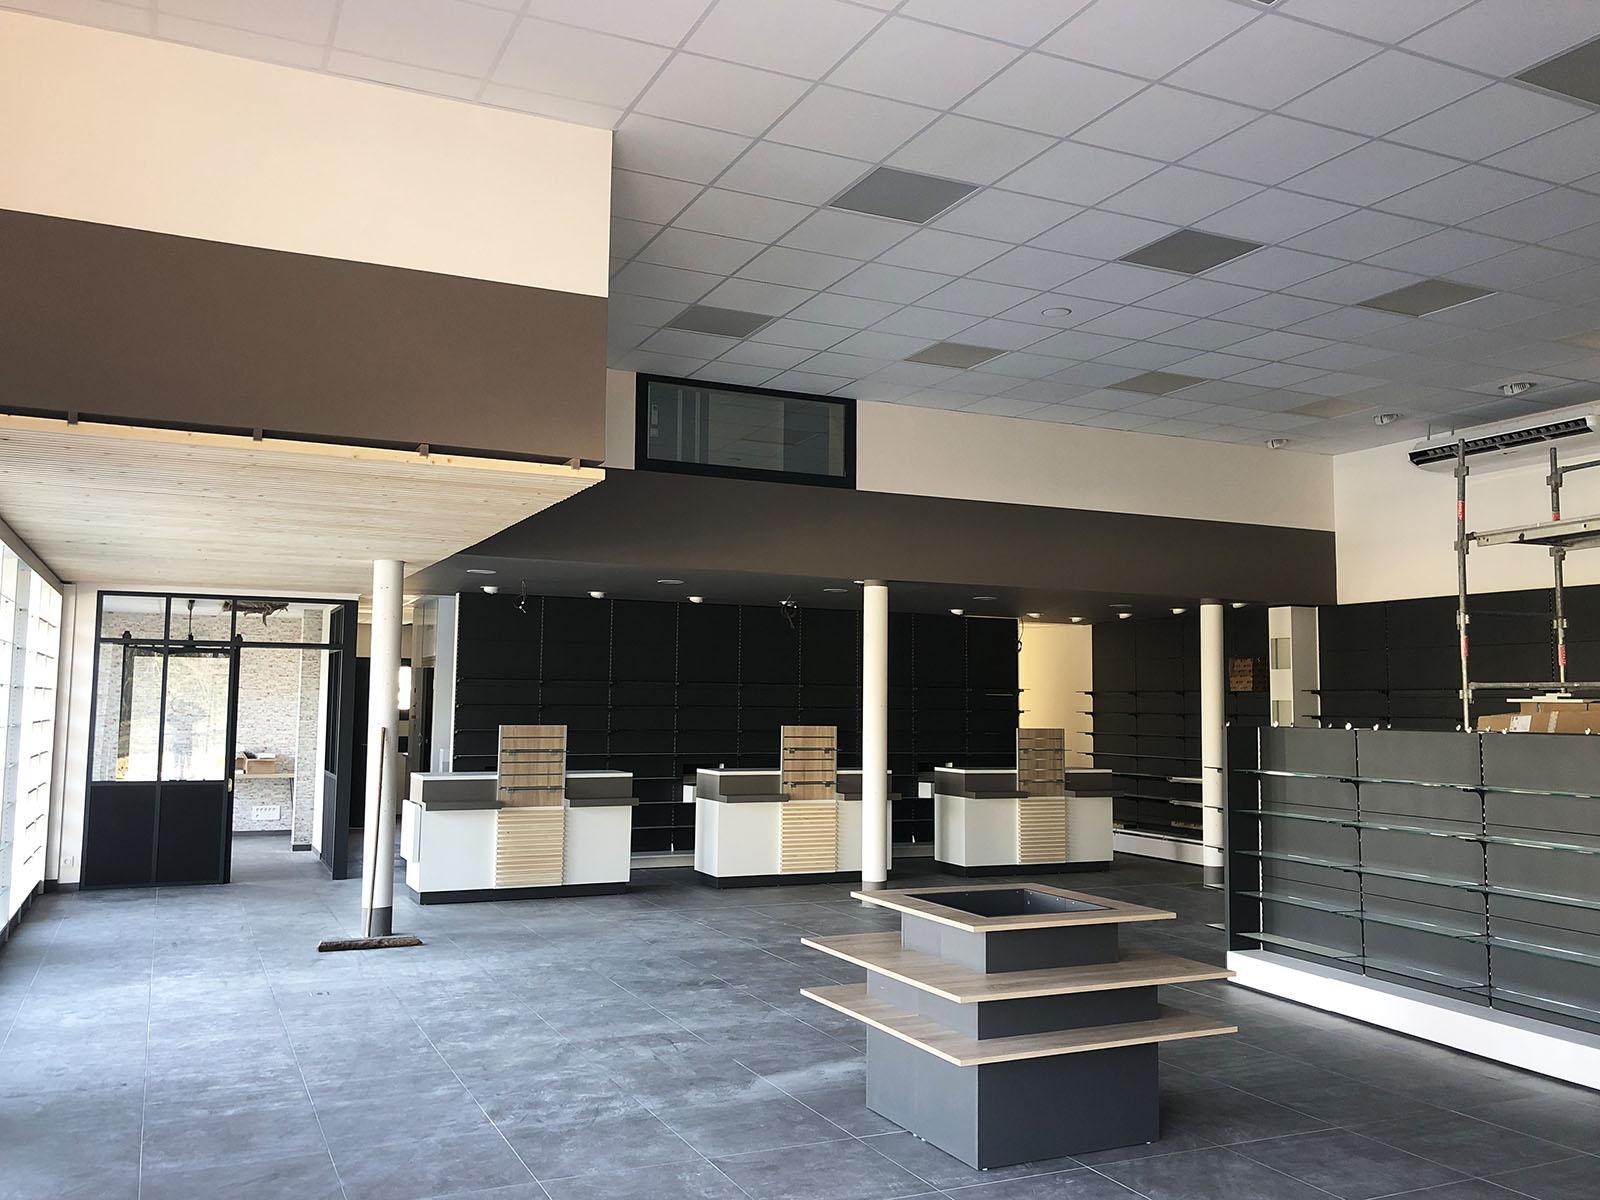 Neuf et rénovation, travaux de plâtrerie, isolation et peinture dans le Perigord : Ici, la pharmacie de Bassillac